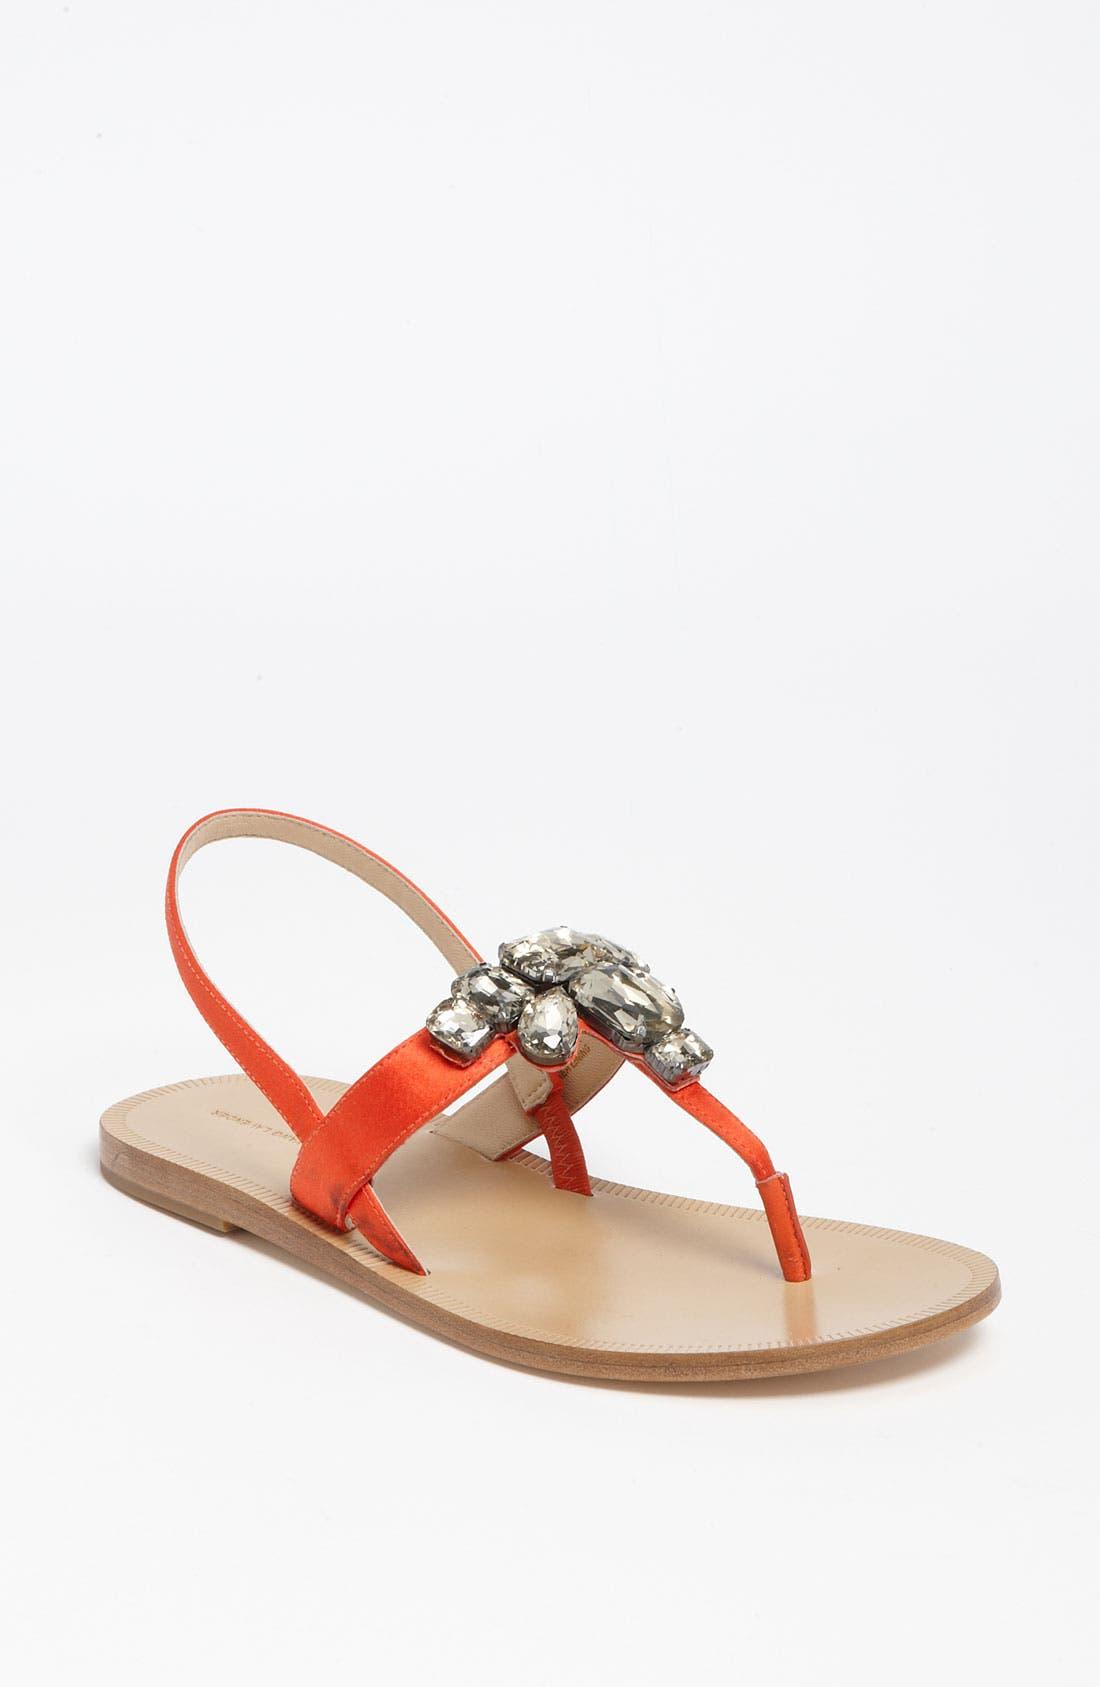 Main Image - Vera Wang Lavender 'Rina' Sandal